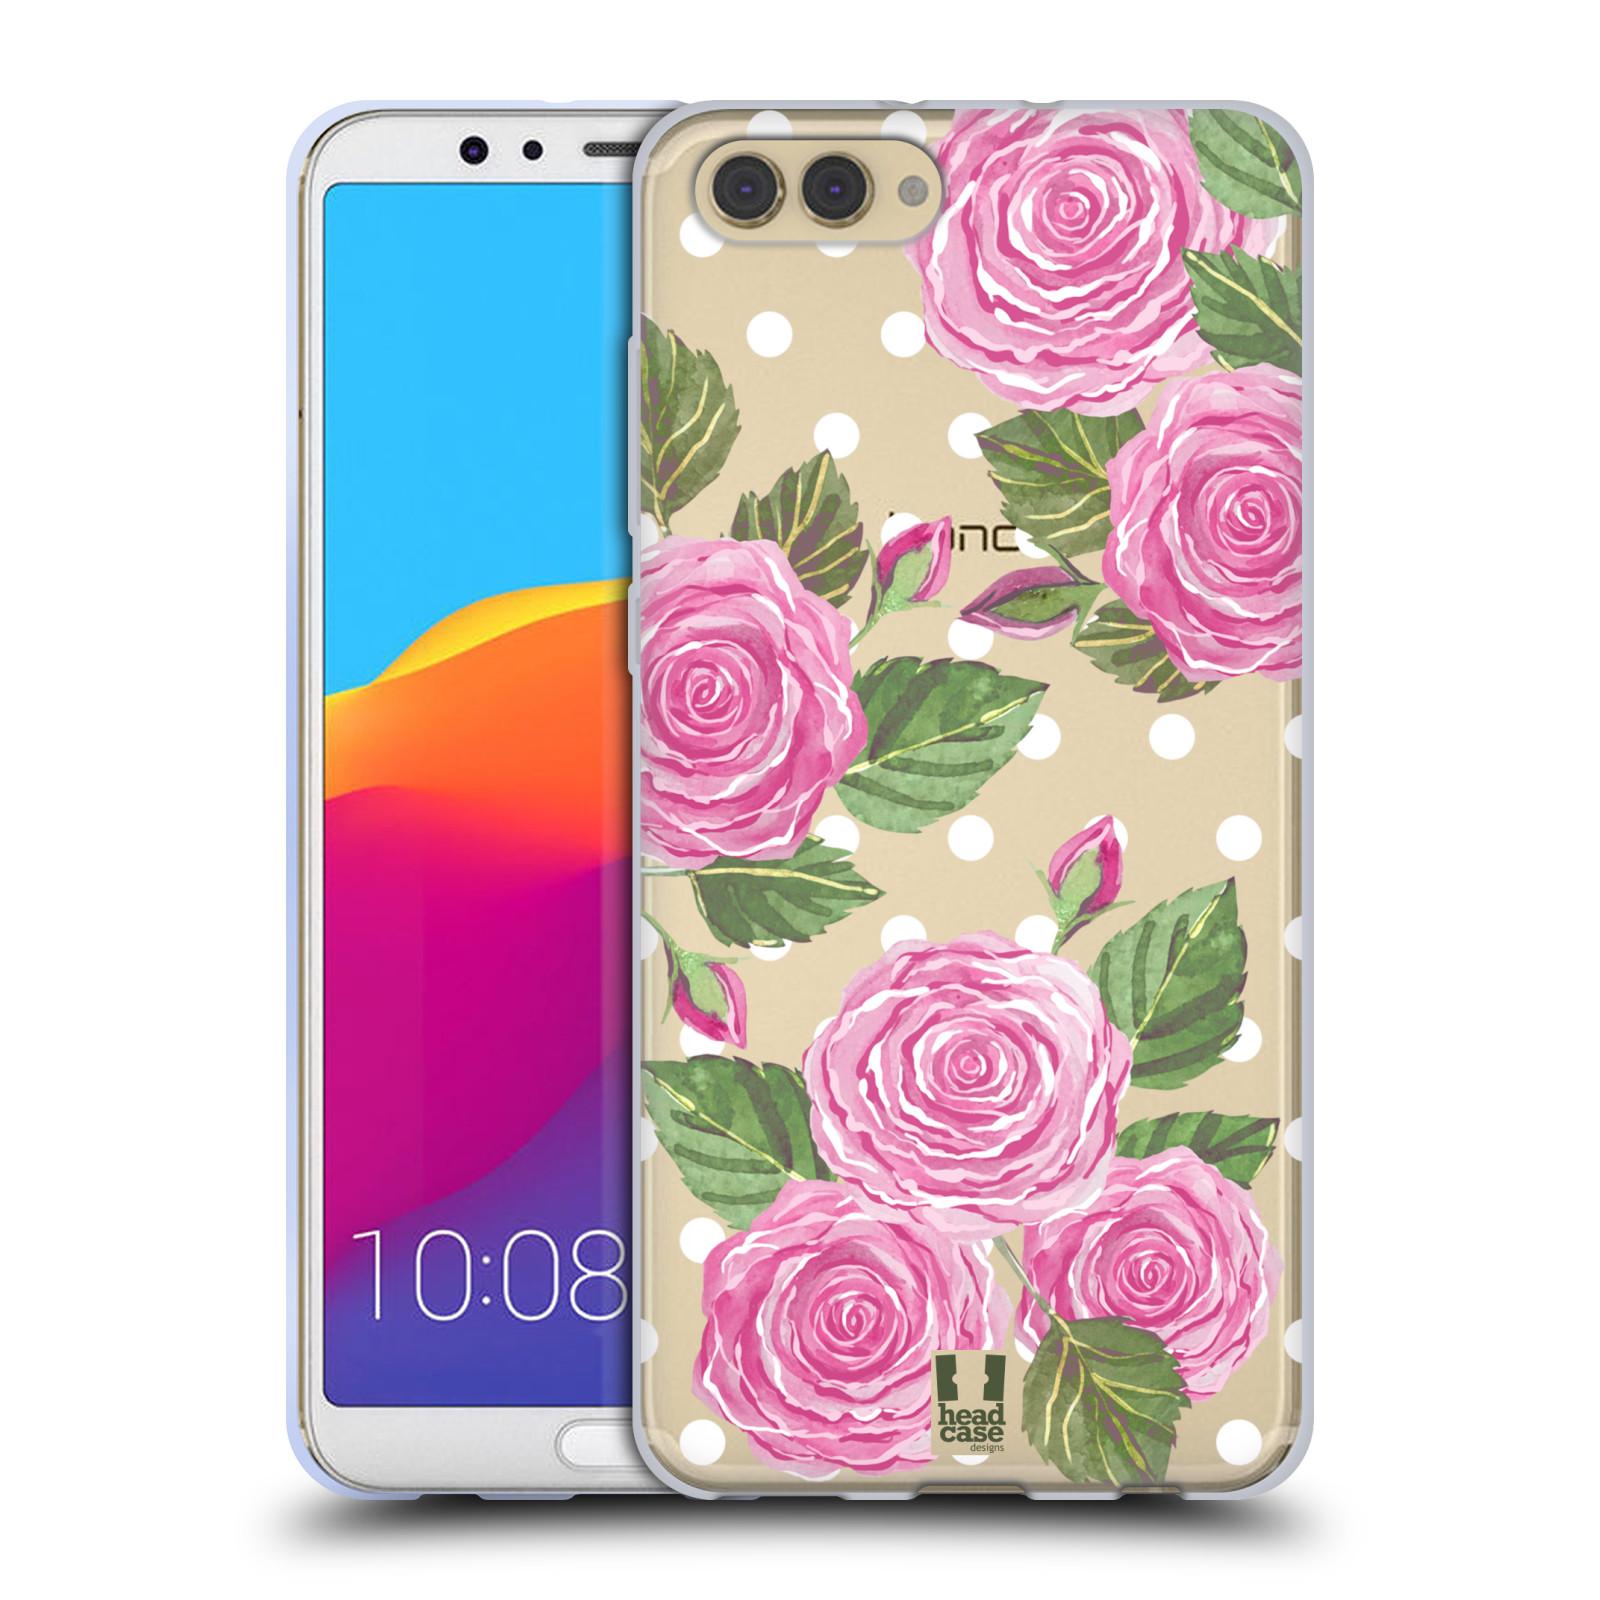 Silikonové pouzdro na mobil Honor View 10 - Head Case - Hezoučké růžičky - průhledné